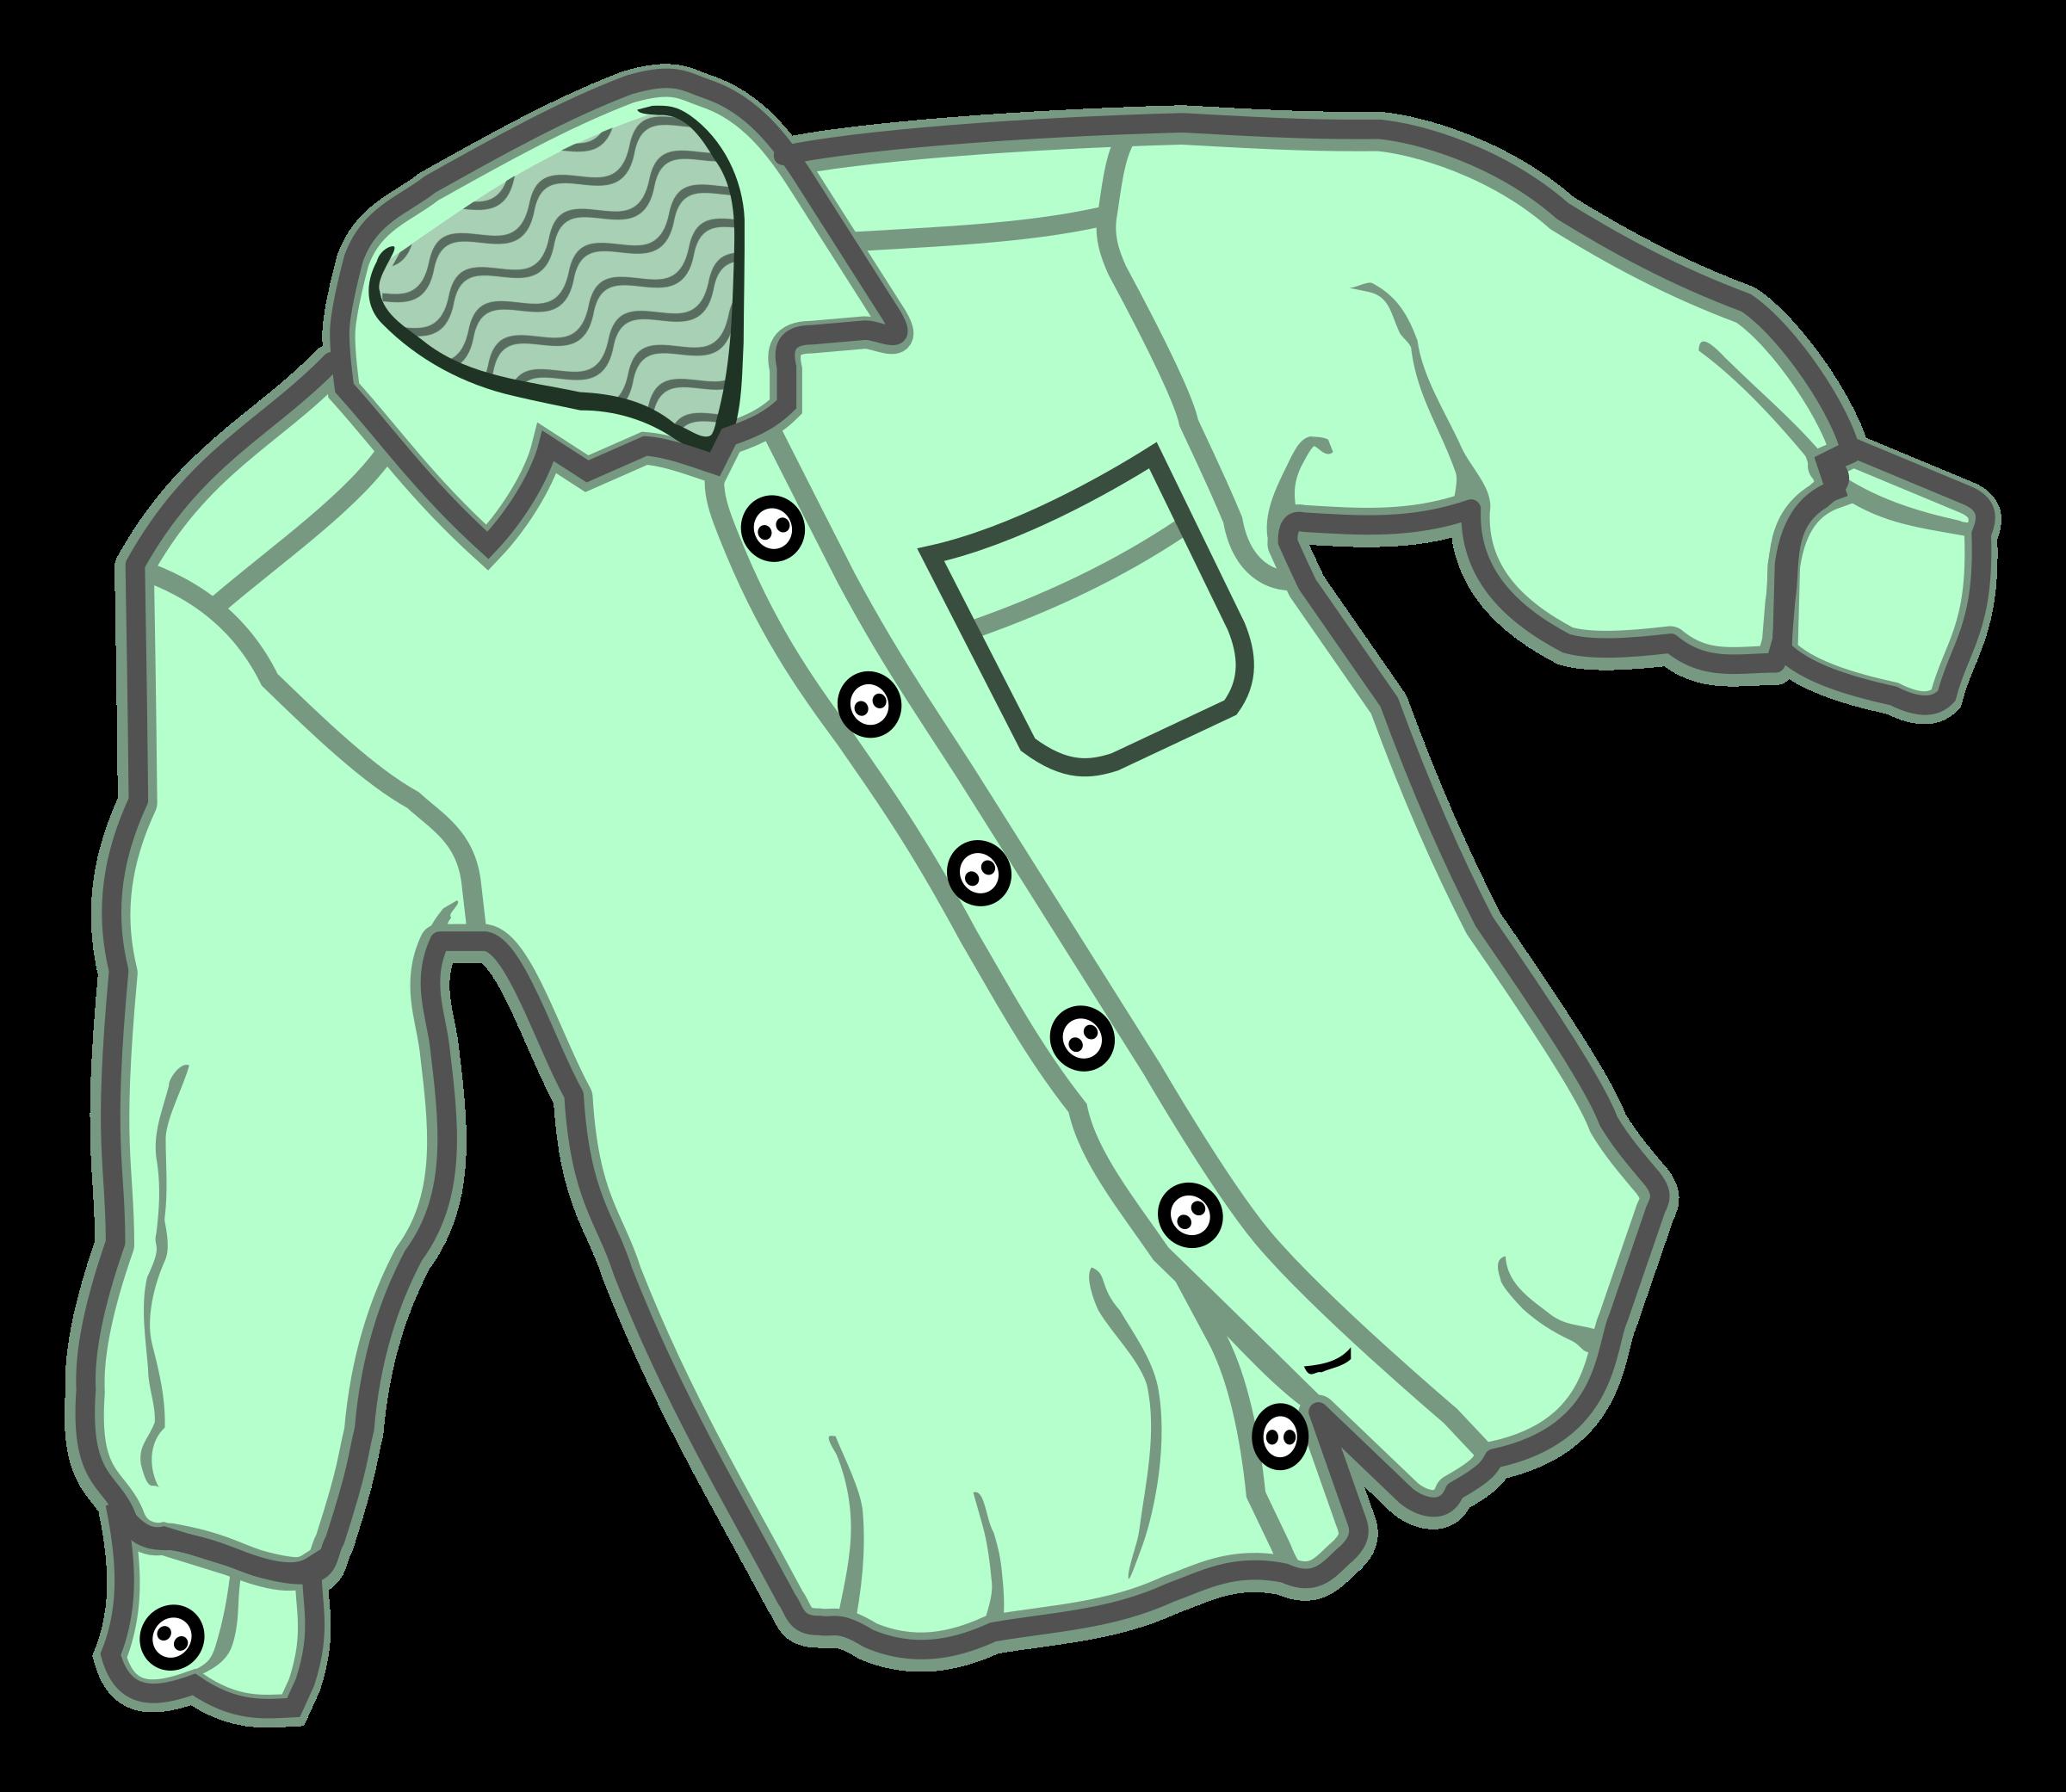 Coloured. Clipart shirt school shirt